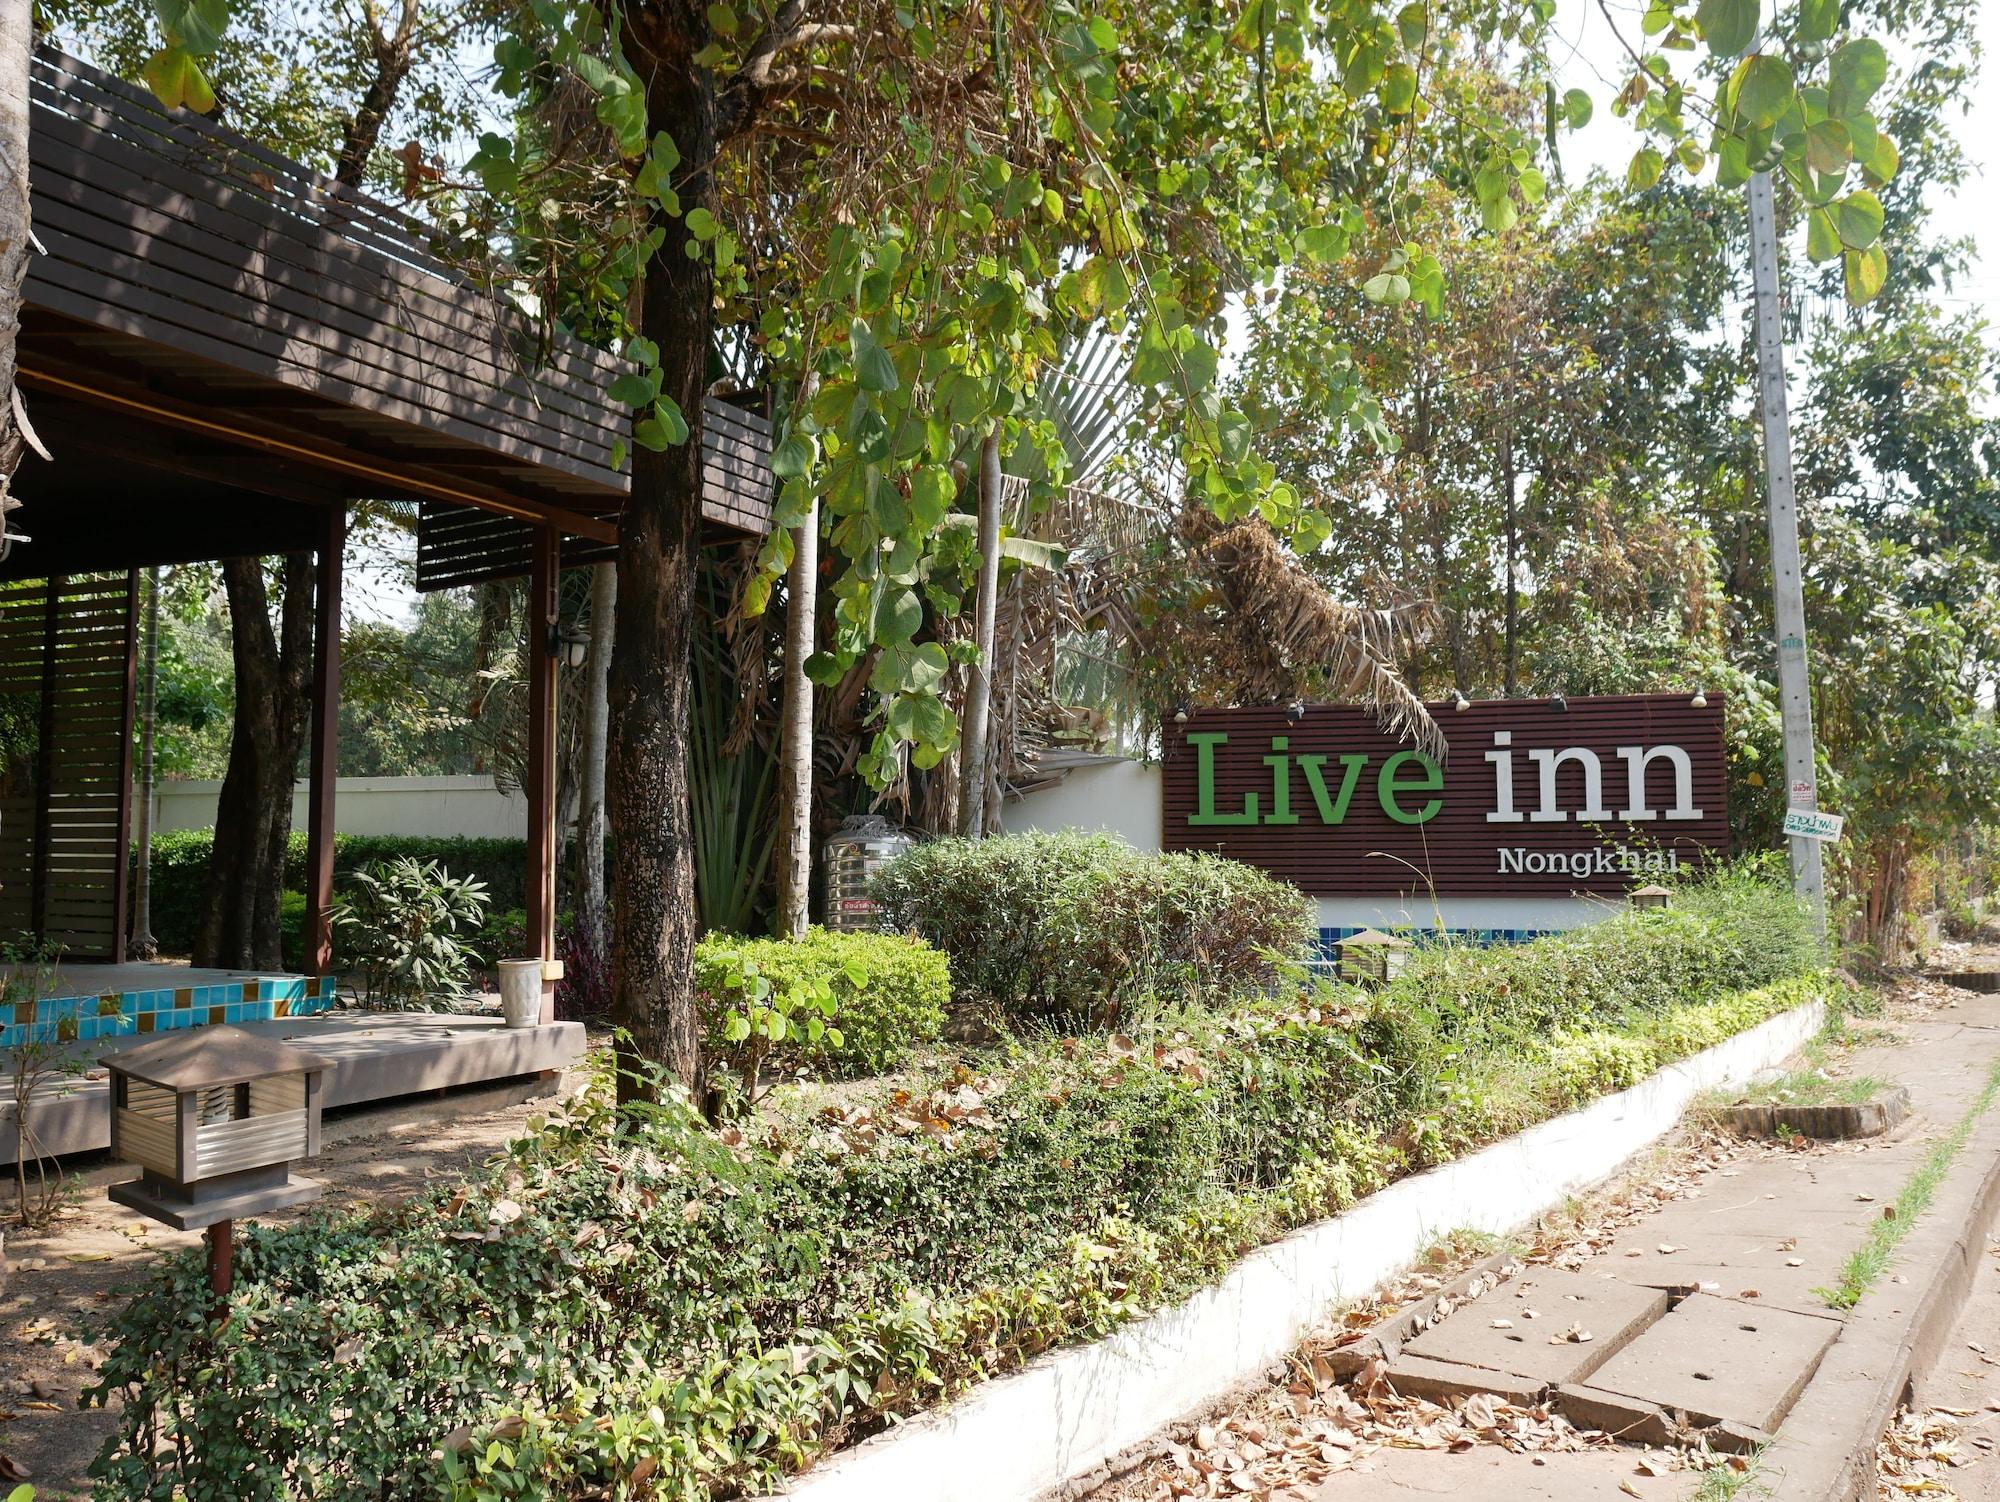 Live Inn, Muang Nong Khai